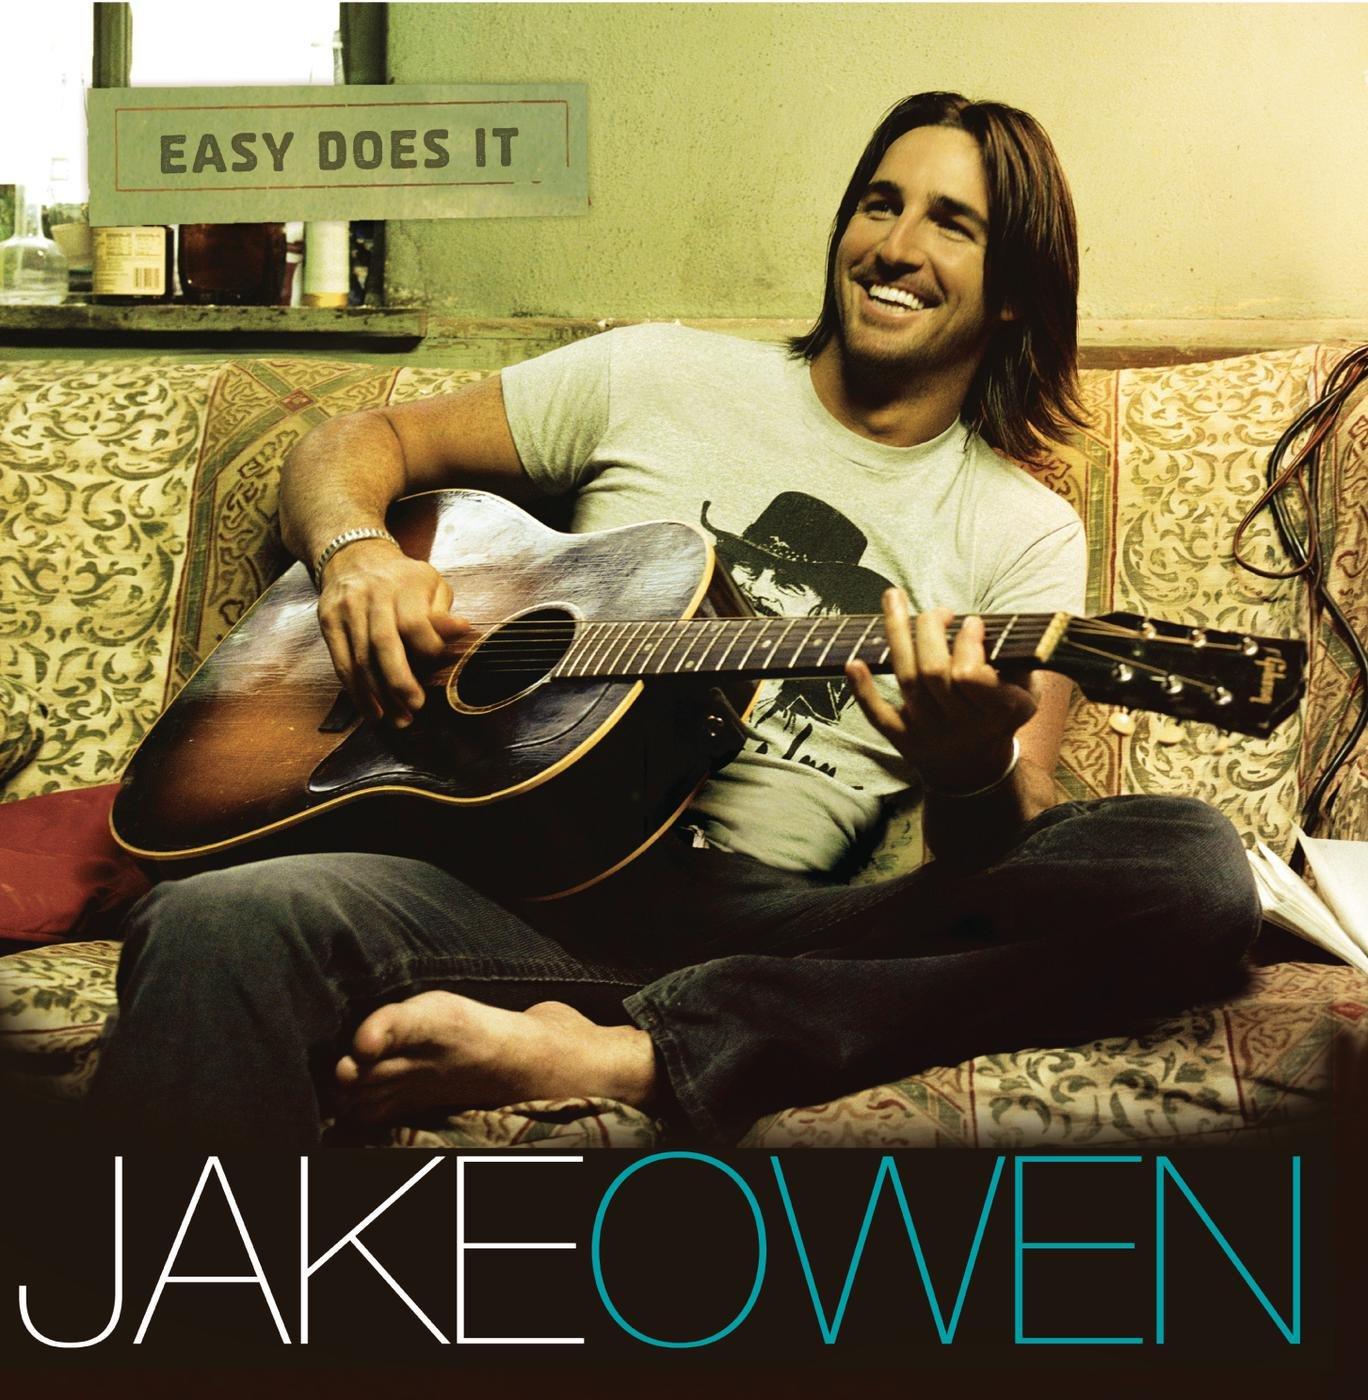 Jake Owen – Easy Does It (2009) [FLAC]